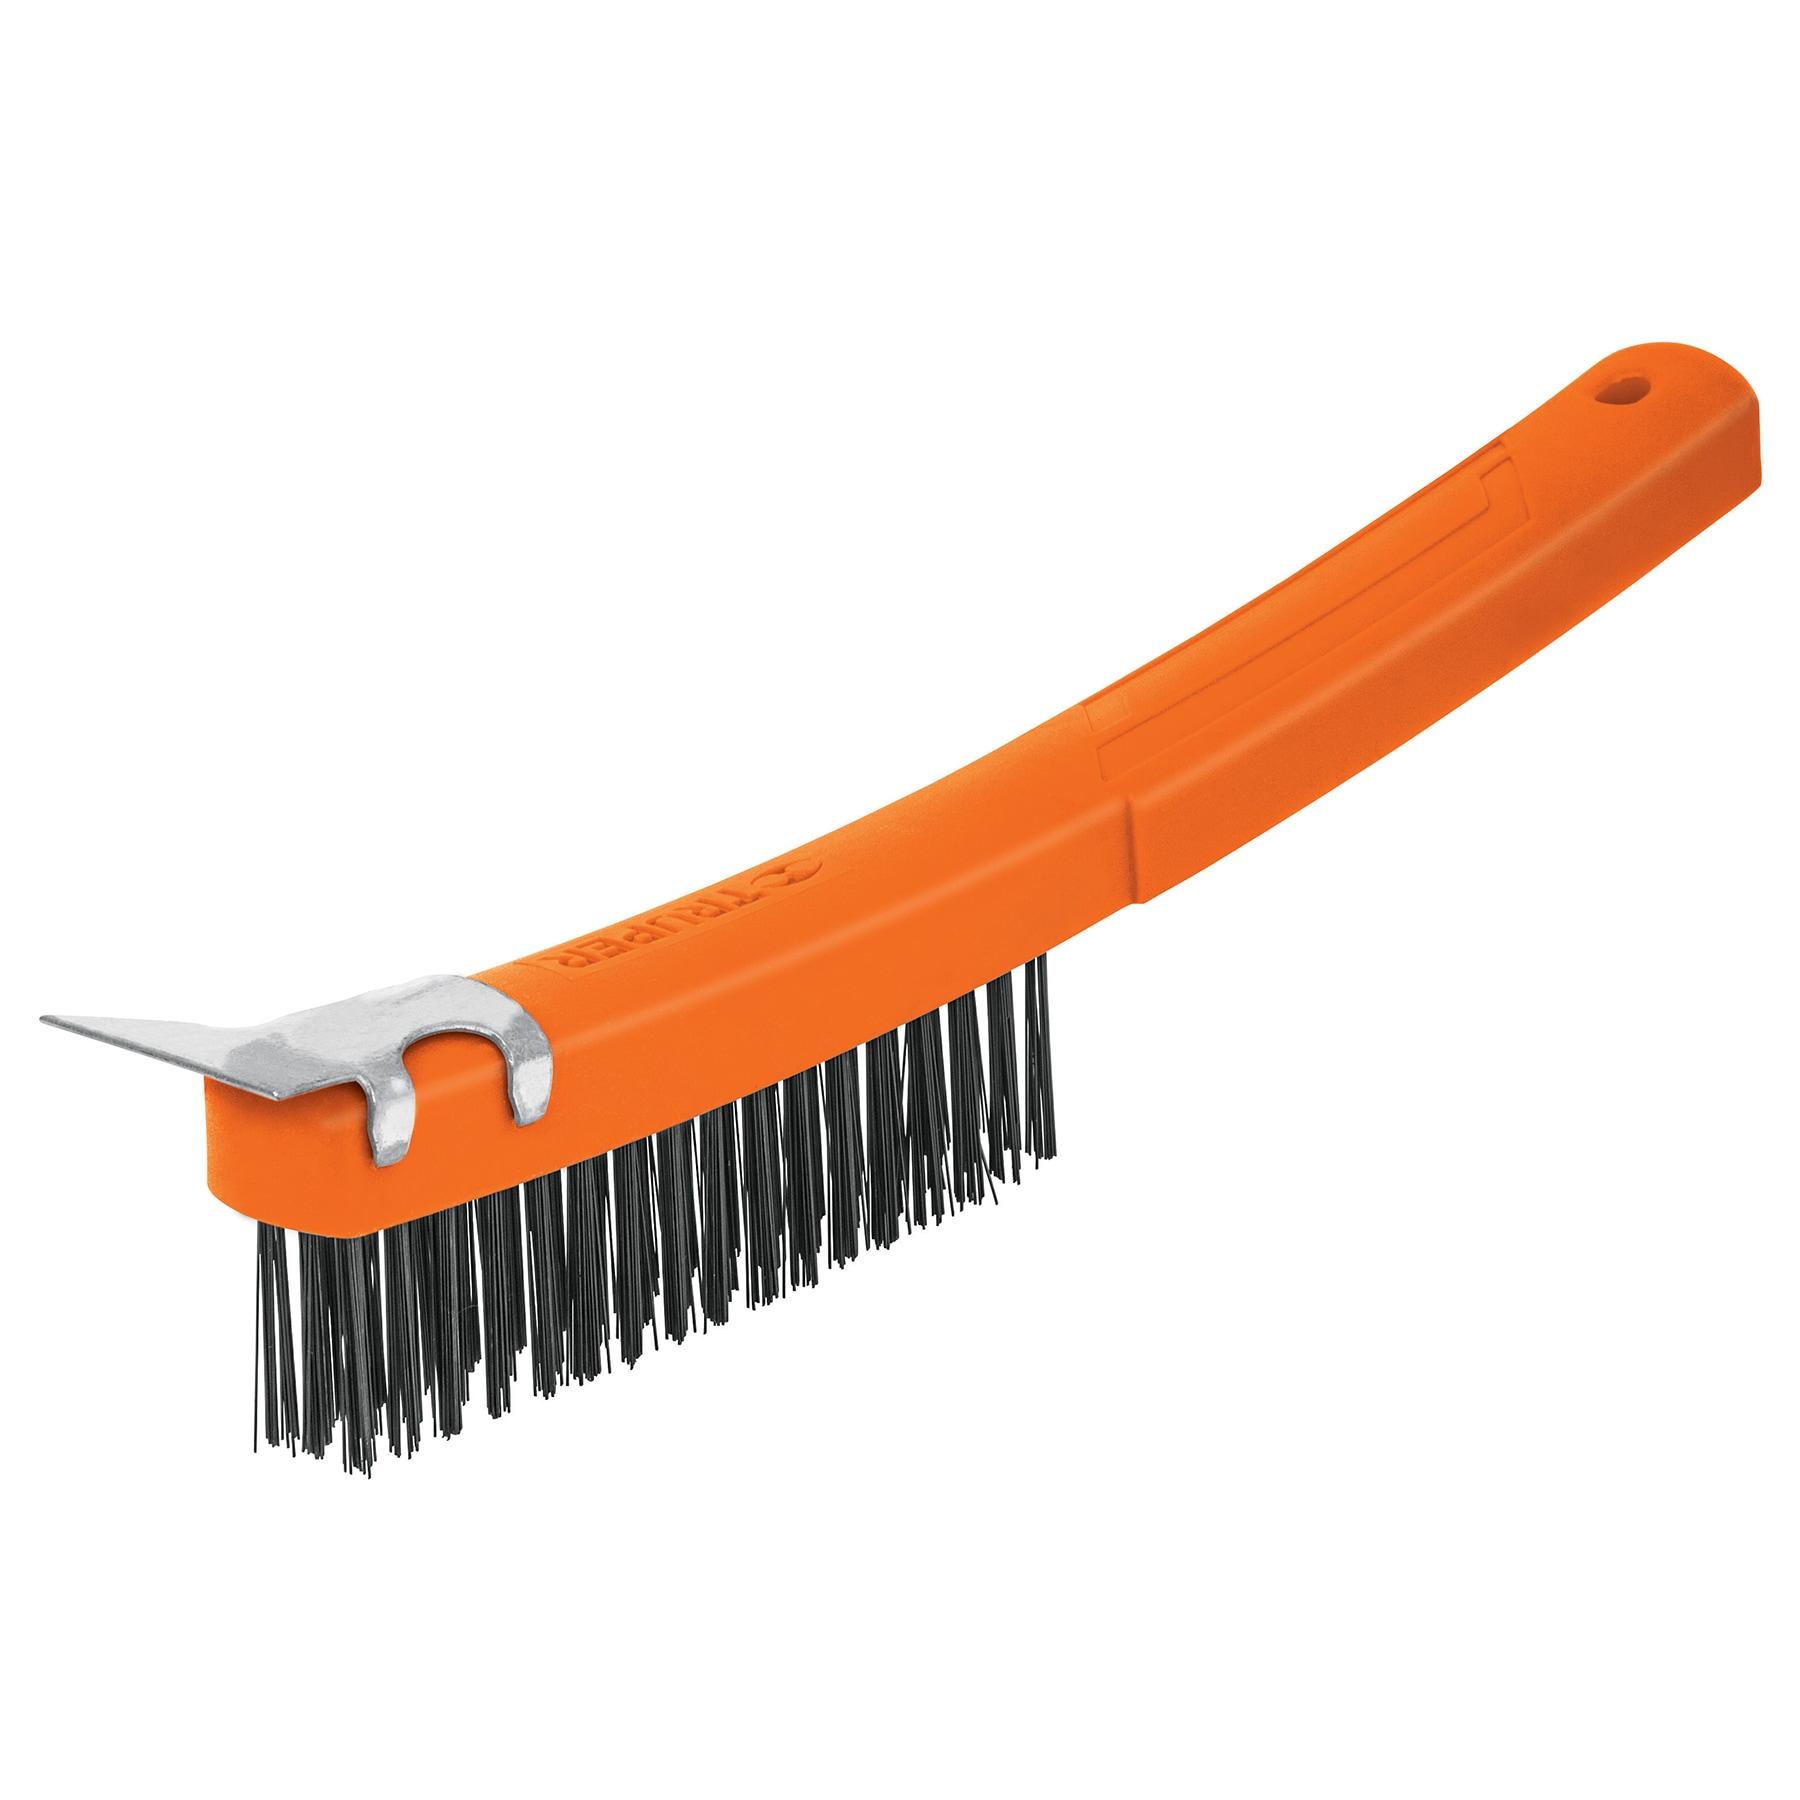 Cepillo de alambre con espátula, acero carbono, 51 pinceles